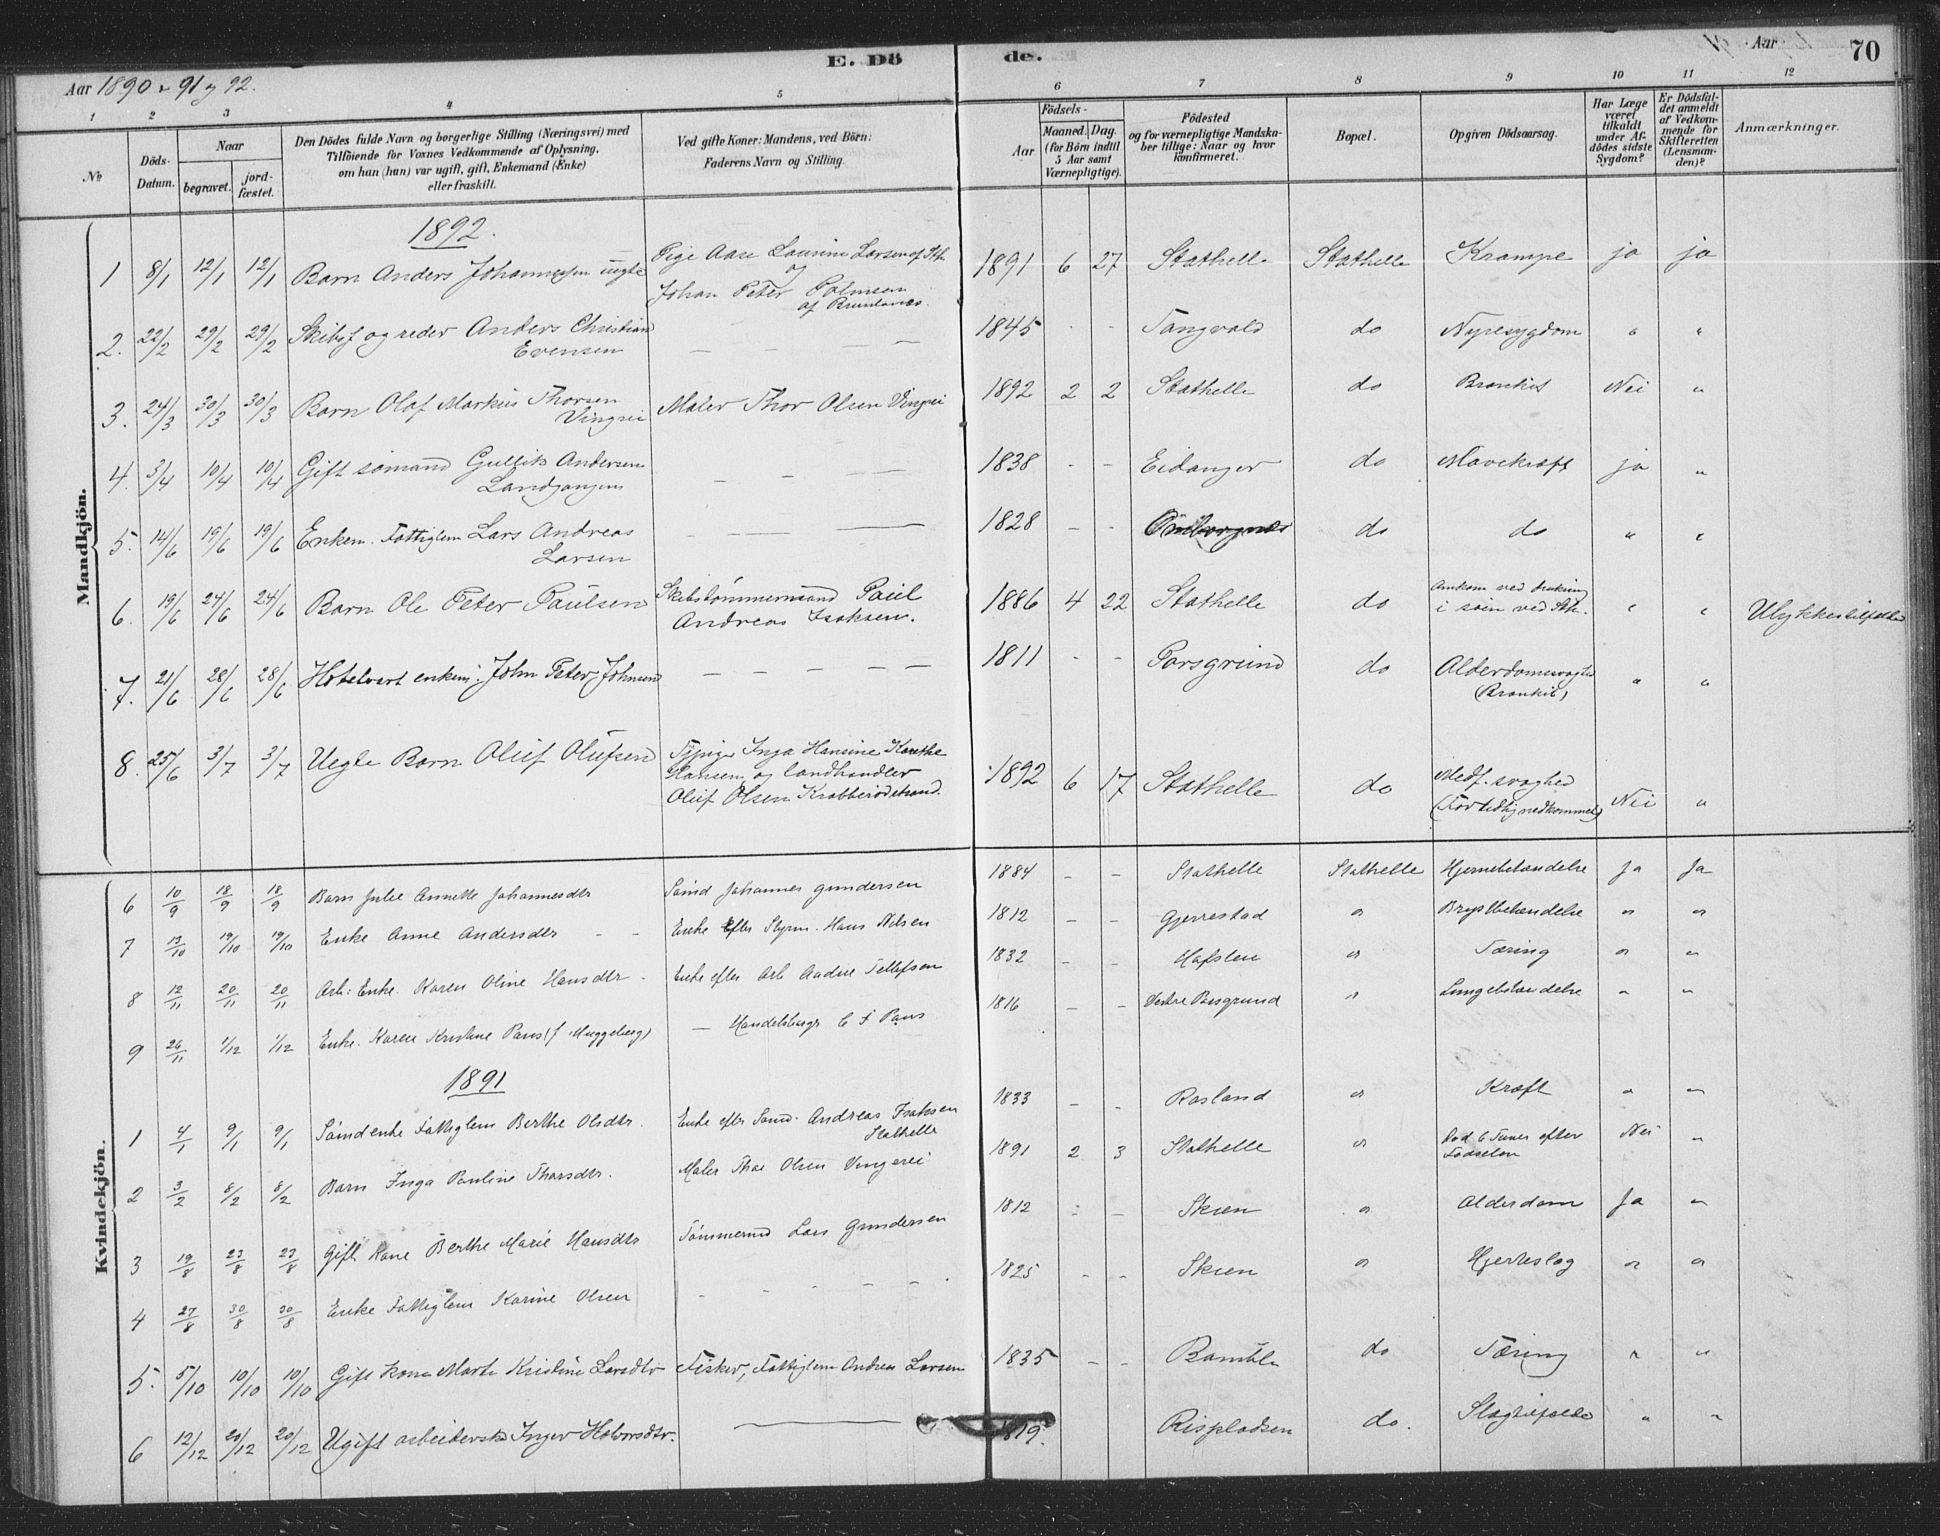 SAKO, Bamble kirkebøker, F/Fb/L0001: Ministerialbok nr. II 1, 1878-1899, s. 70